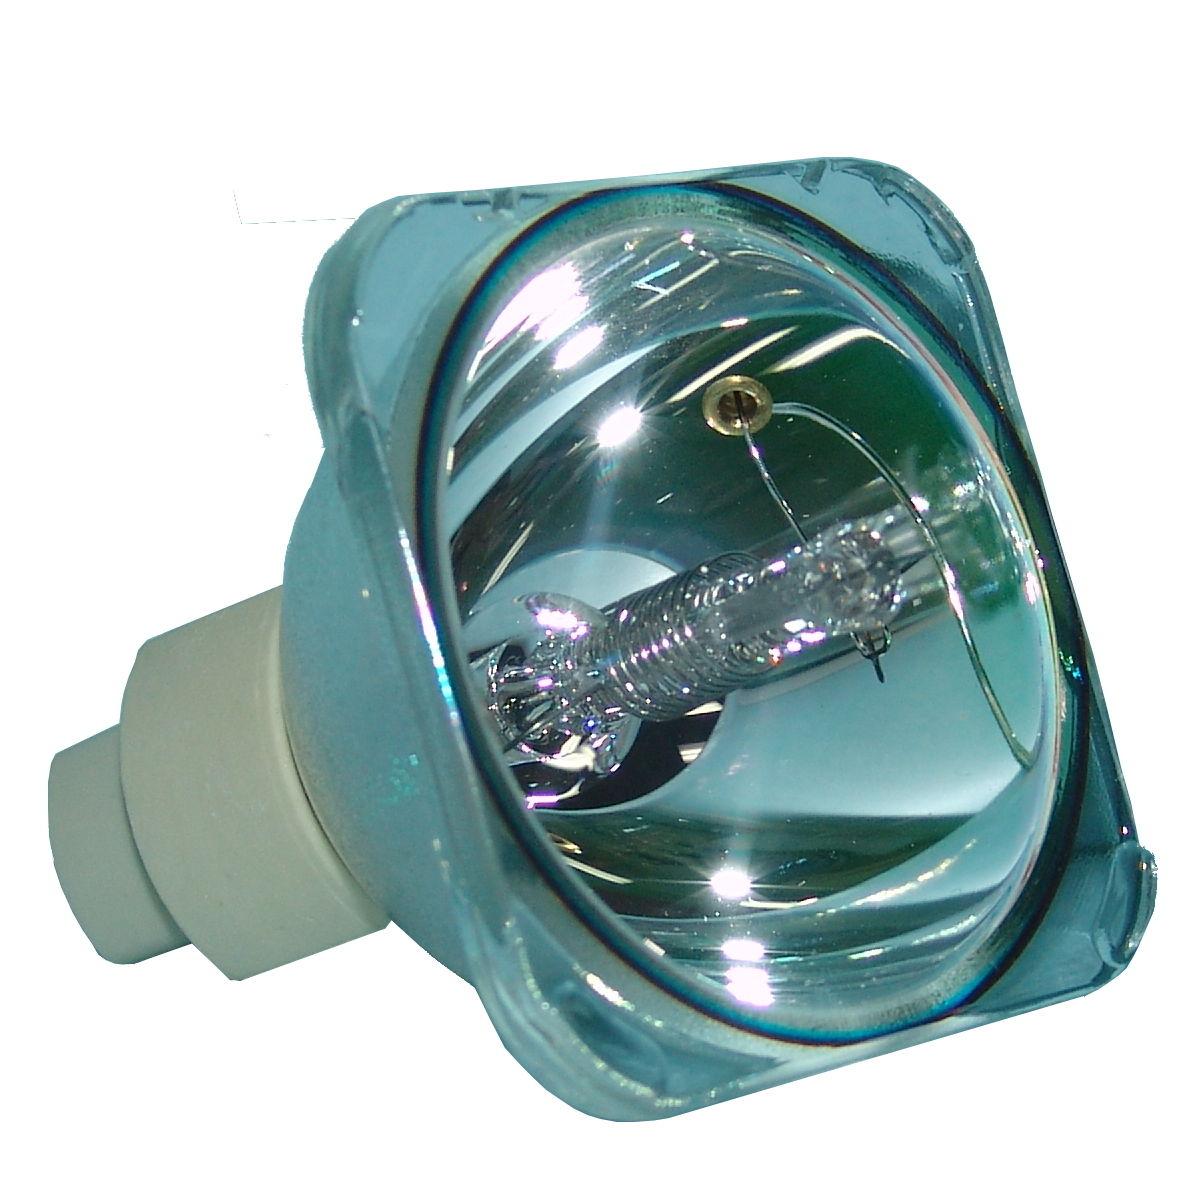 Compatible Bulb VLT-XD520LP VLTXD520LP for Mitsubishi EX53E EX53U XD500UST XD520U XD520 XD530U XD500ST XD530 Projector Lamp Bulb vlt xd520lp projector lamp with housing for mitsubishi ex52u ex53e ex53u lvp xd520u xd520u xd530u